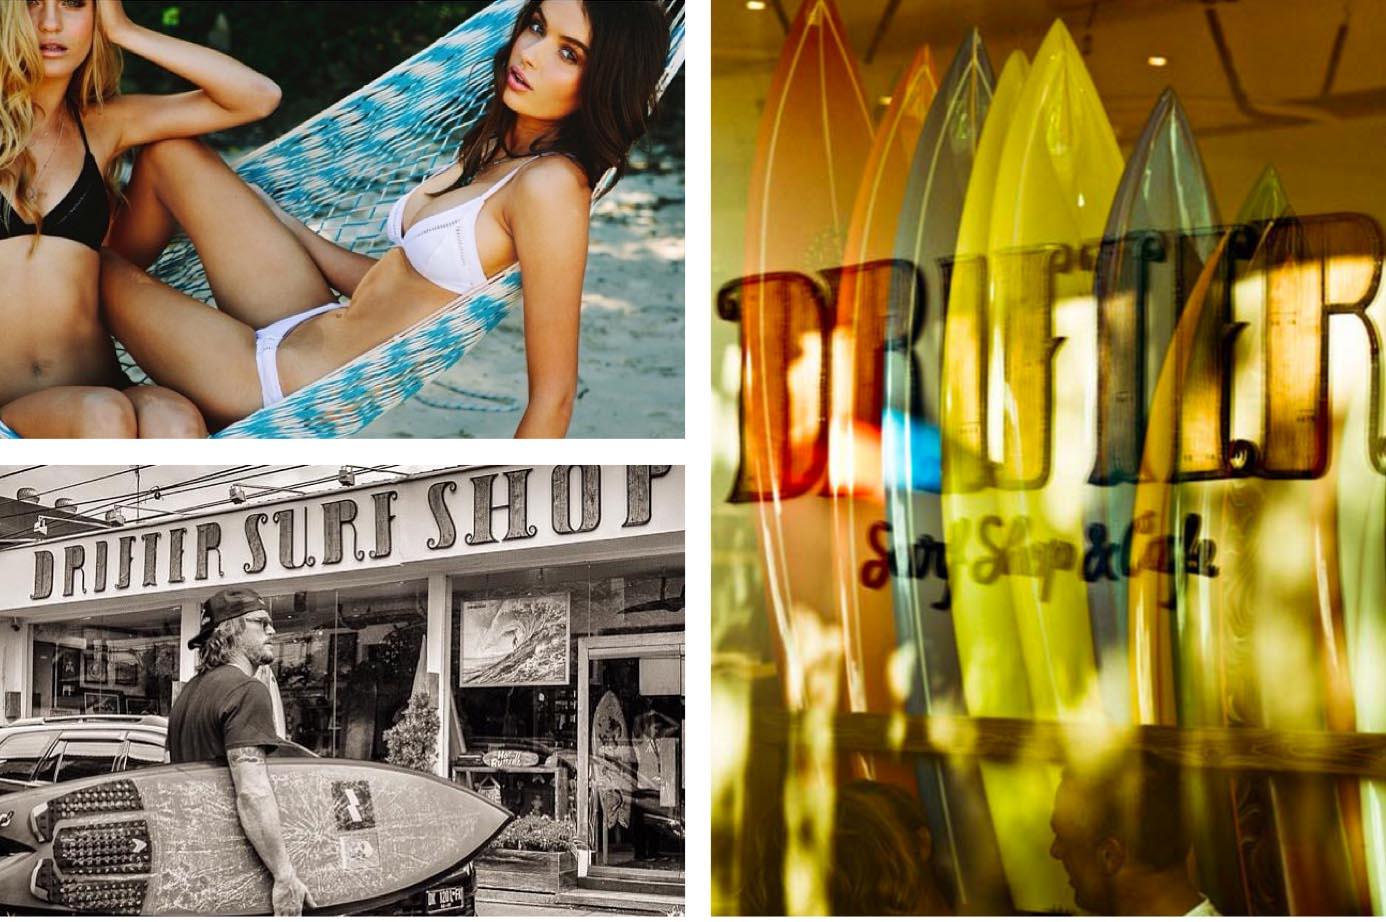 Drifter-Surf-Shop-Bali